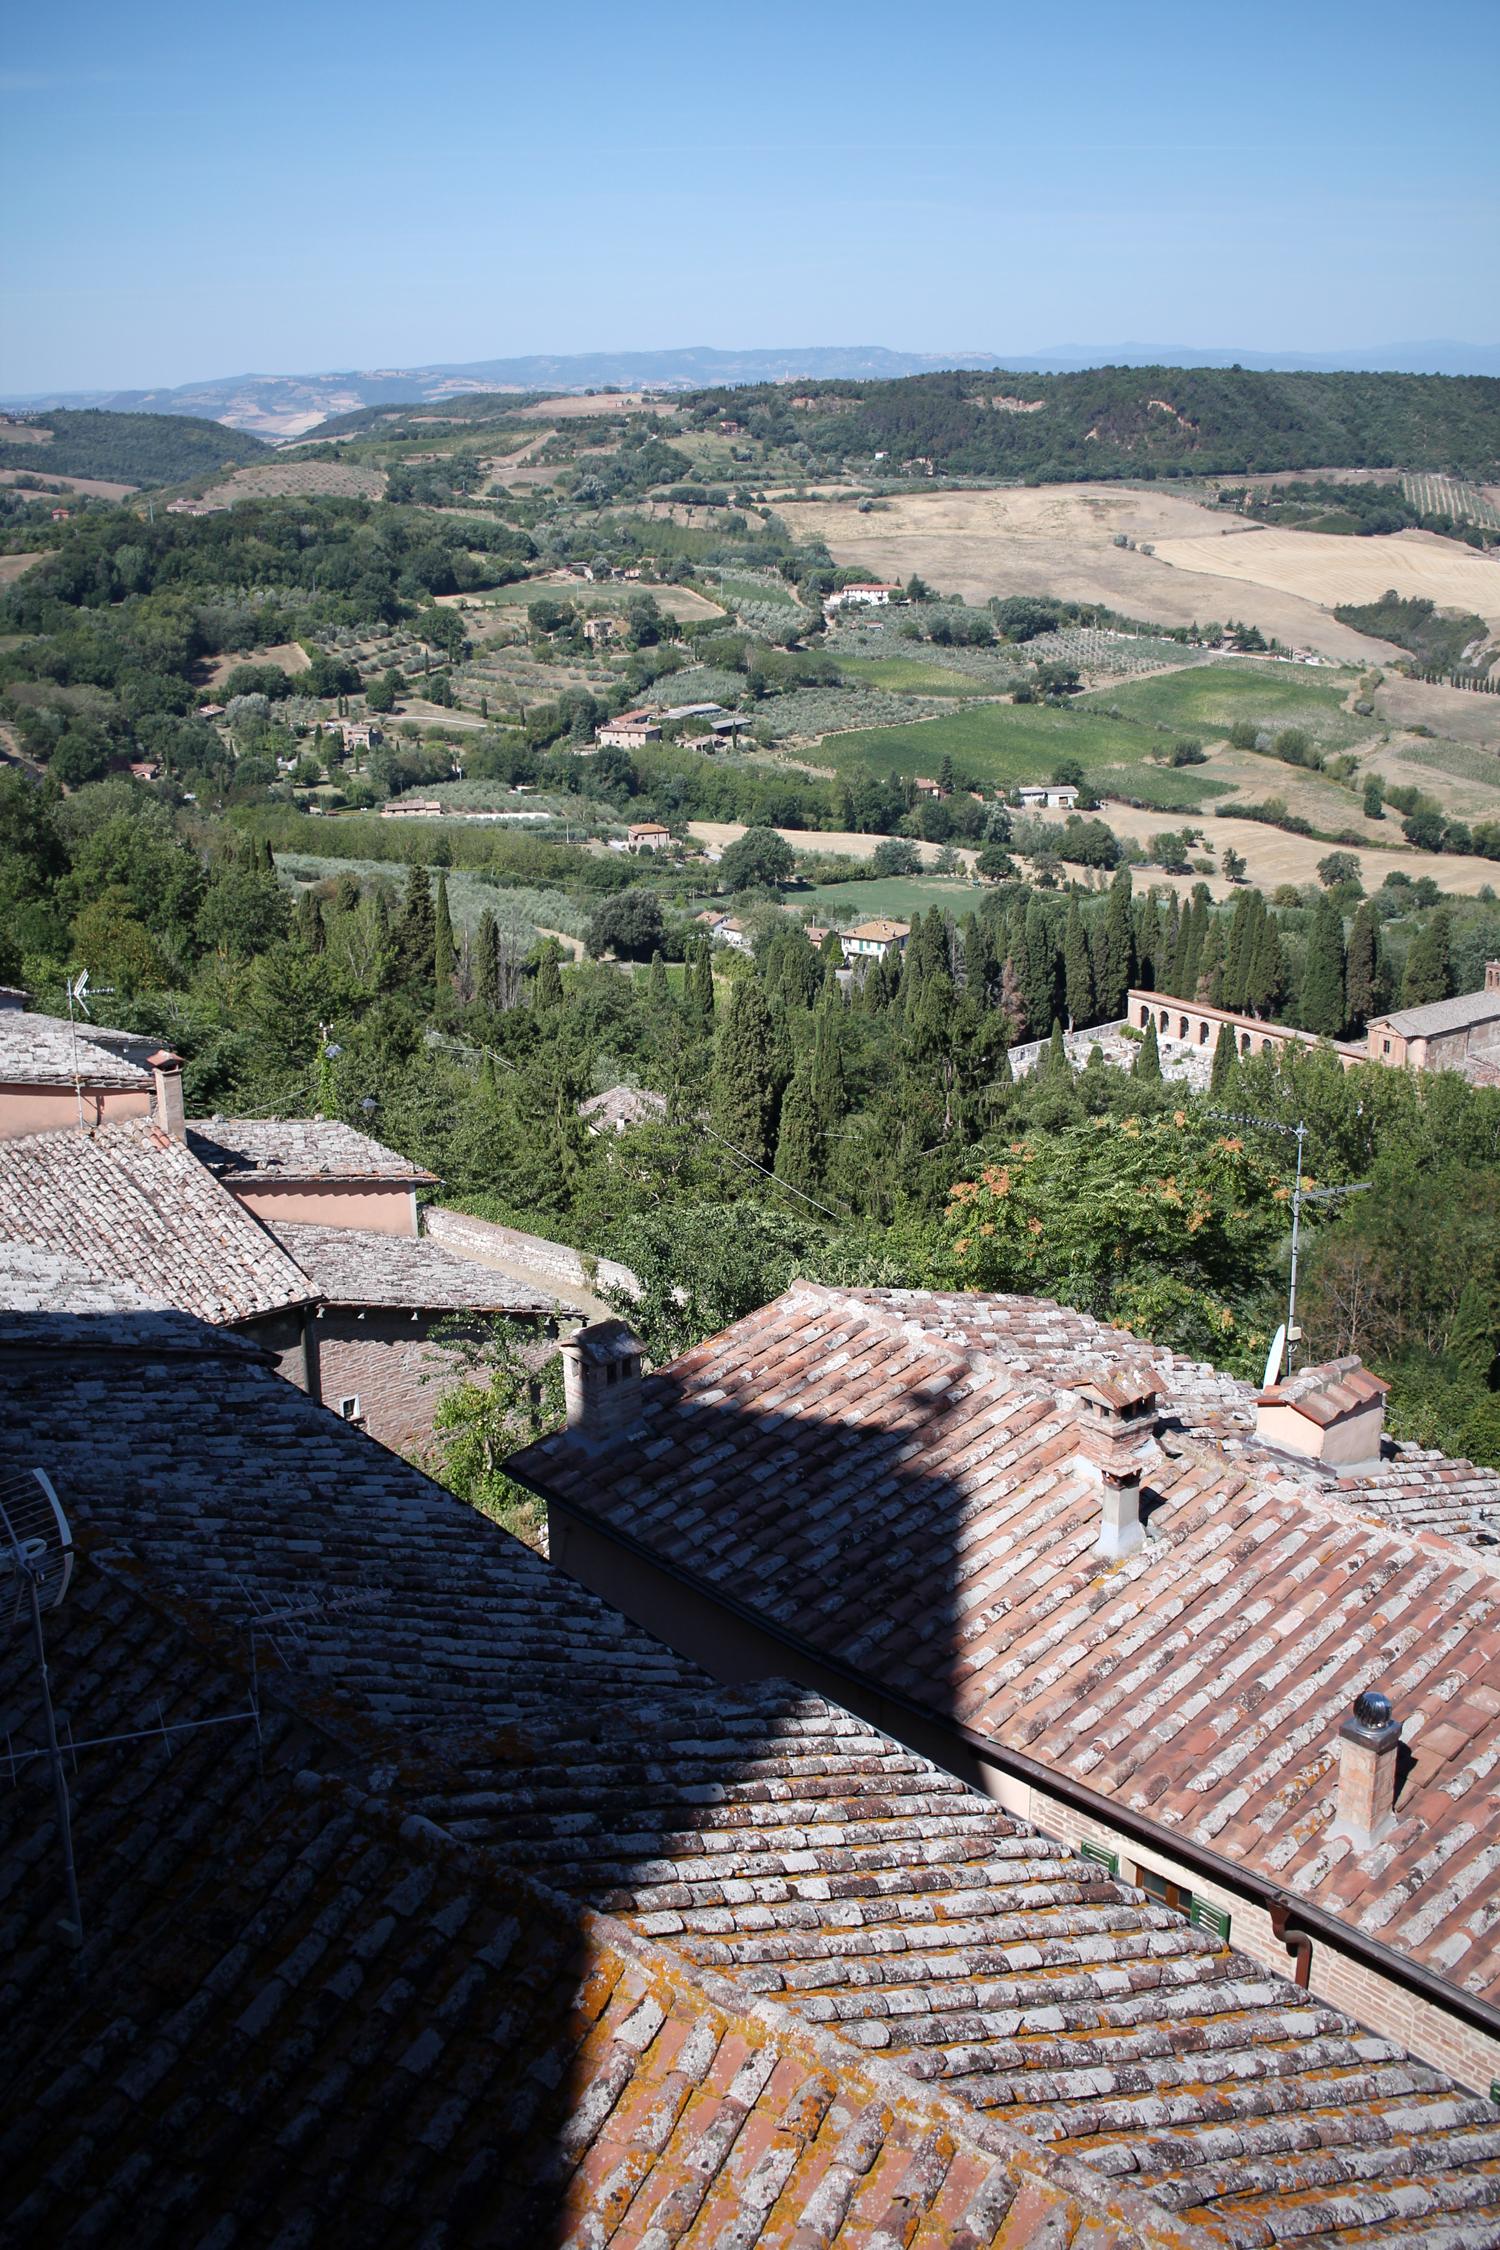 tuscany-italy-montepulciano-travel-blogger-2